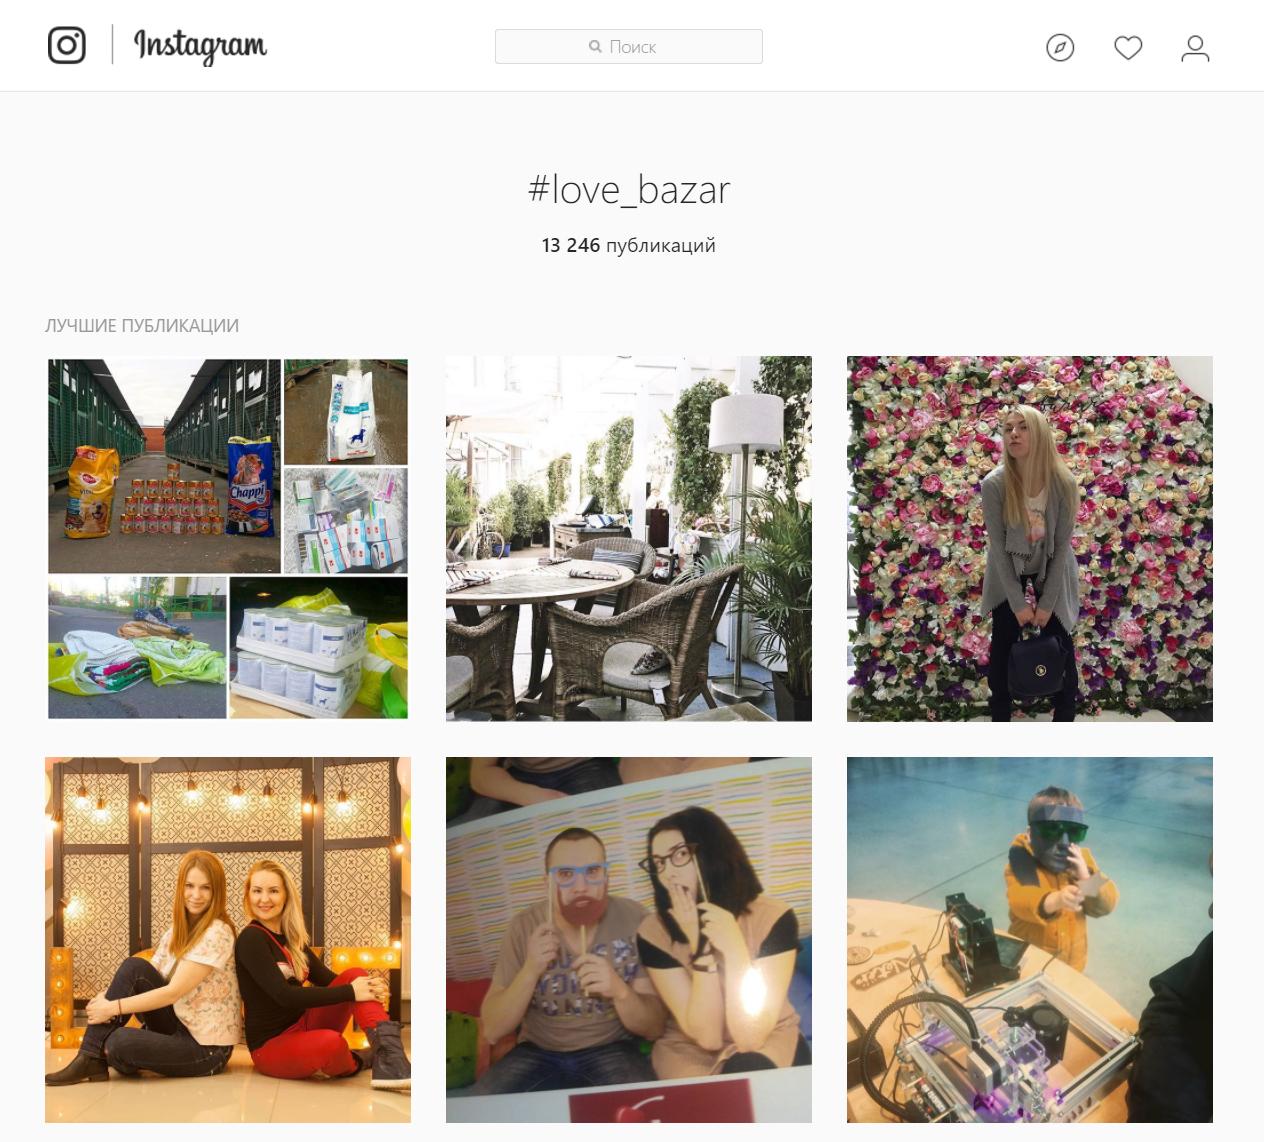 Как сделать фото лучшей публикацией